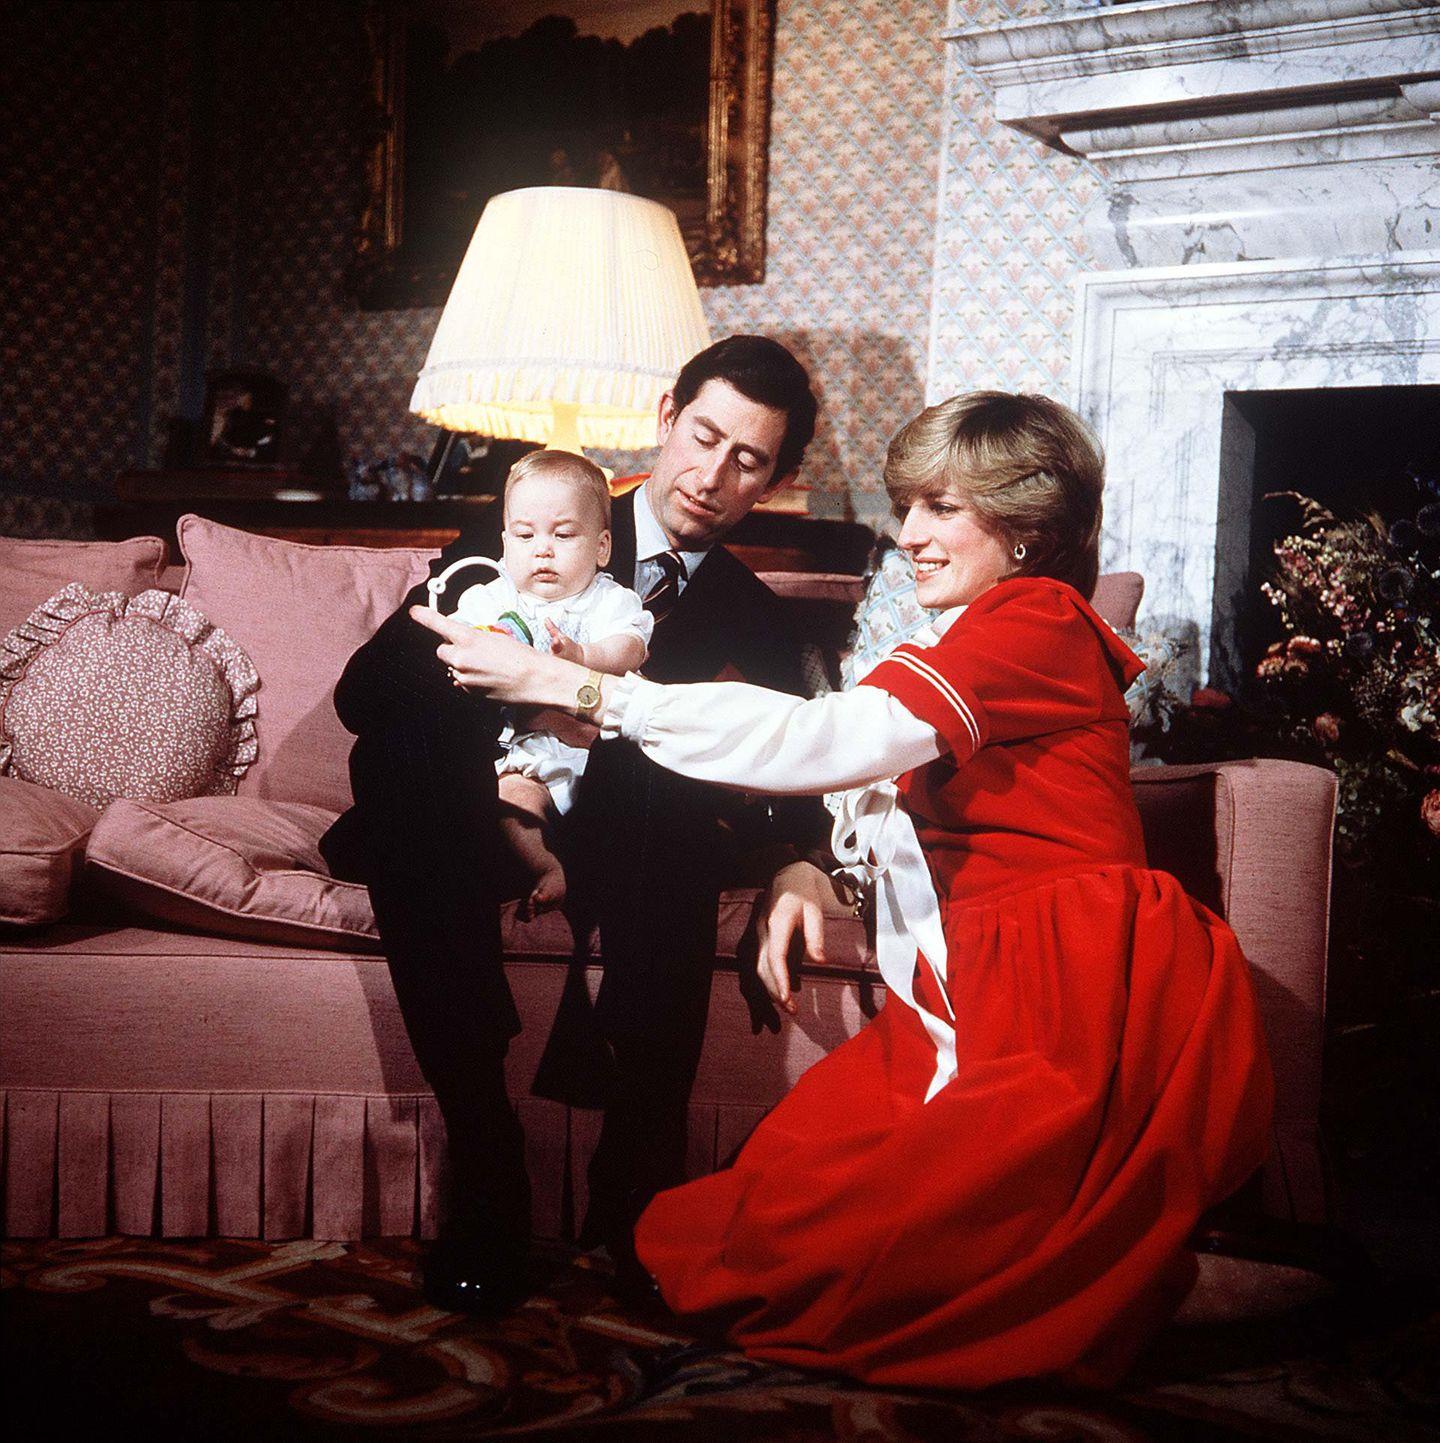 Im Zentrum des Familienlebens steht - als William noch ein Baby ist - ganz besonders die rote Couch, die mit vielen Kissen zum Verweilen einlädt. Kamin und Lampen schaffen eine zusätzliche Wohlfühl-Atmosphäre.